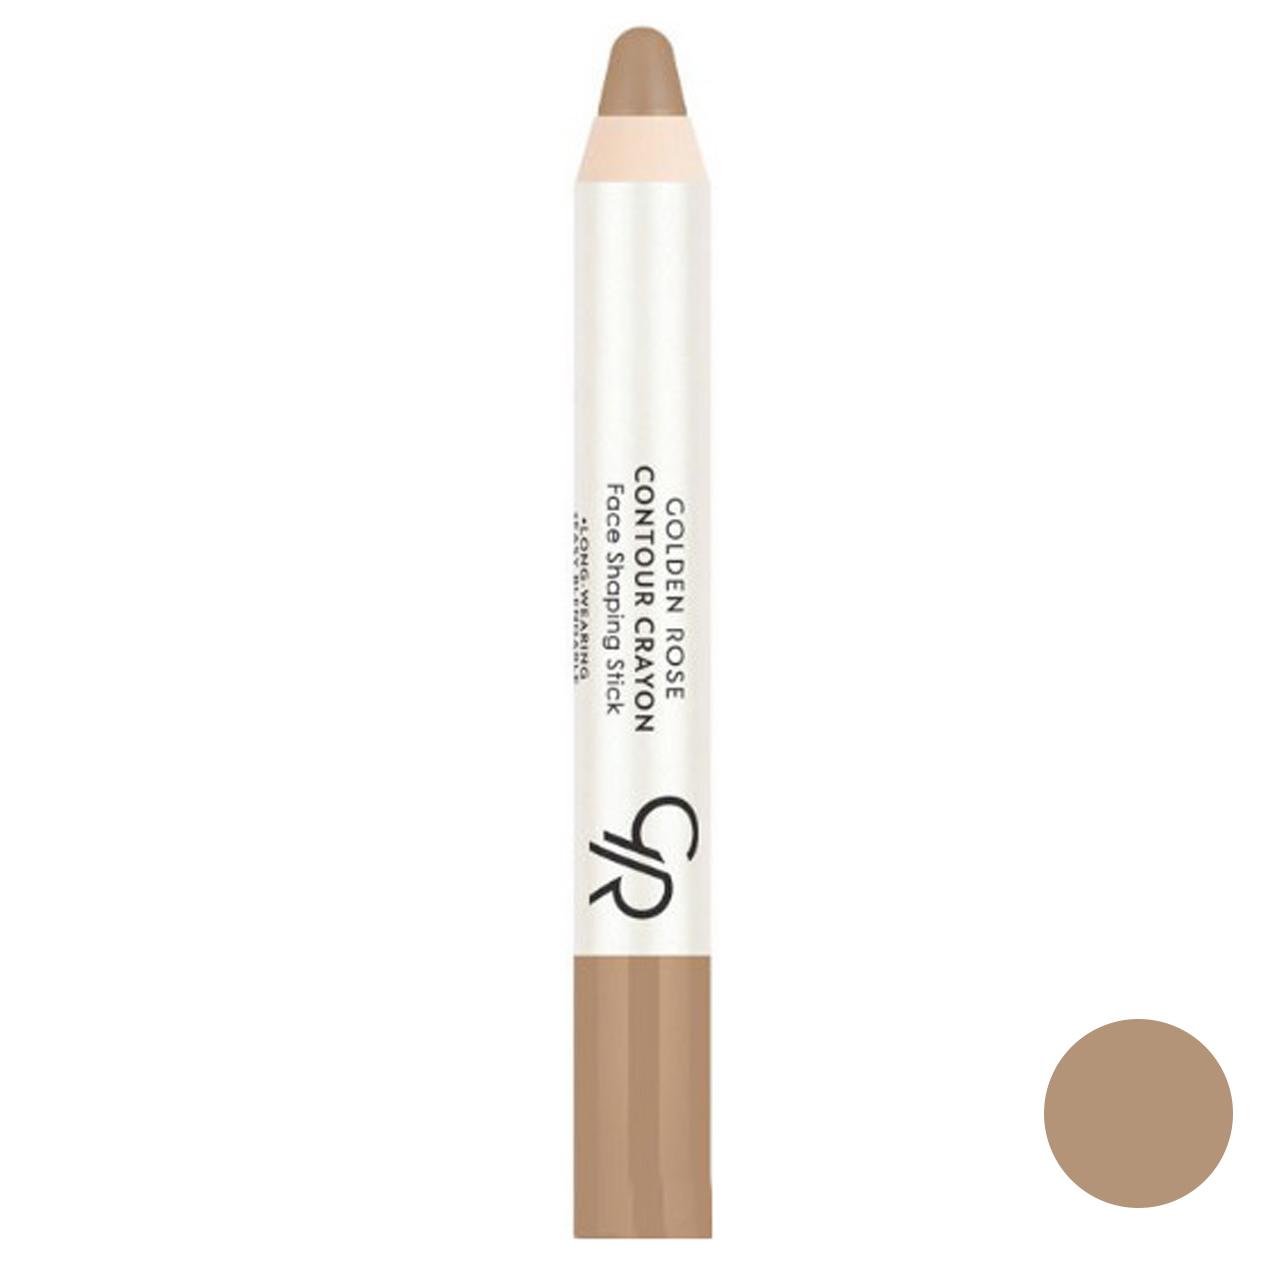 قیمت مداد کانتورینگ گلدن رز شماره 22